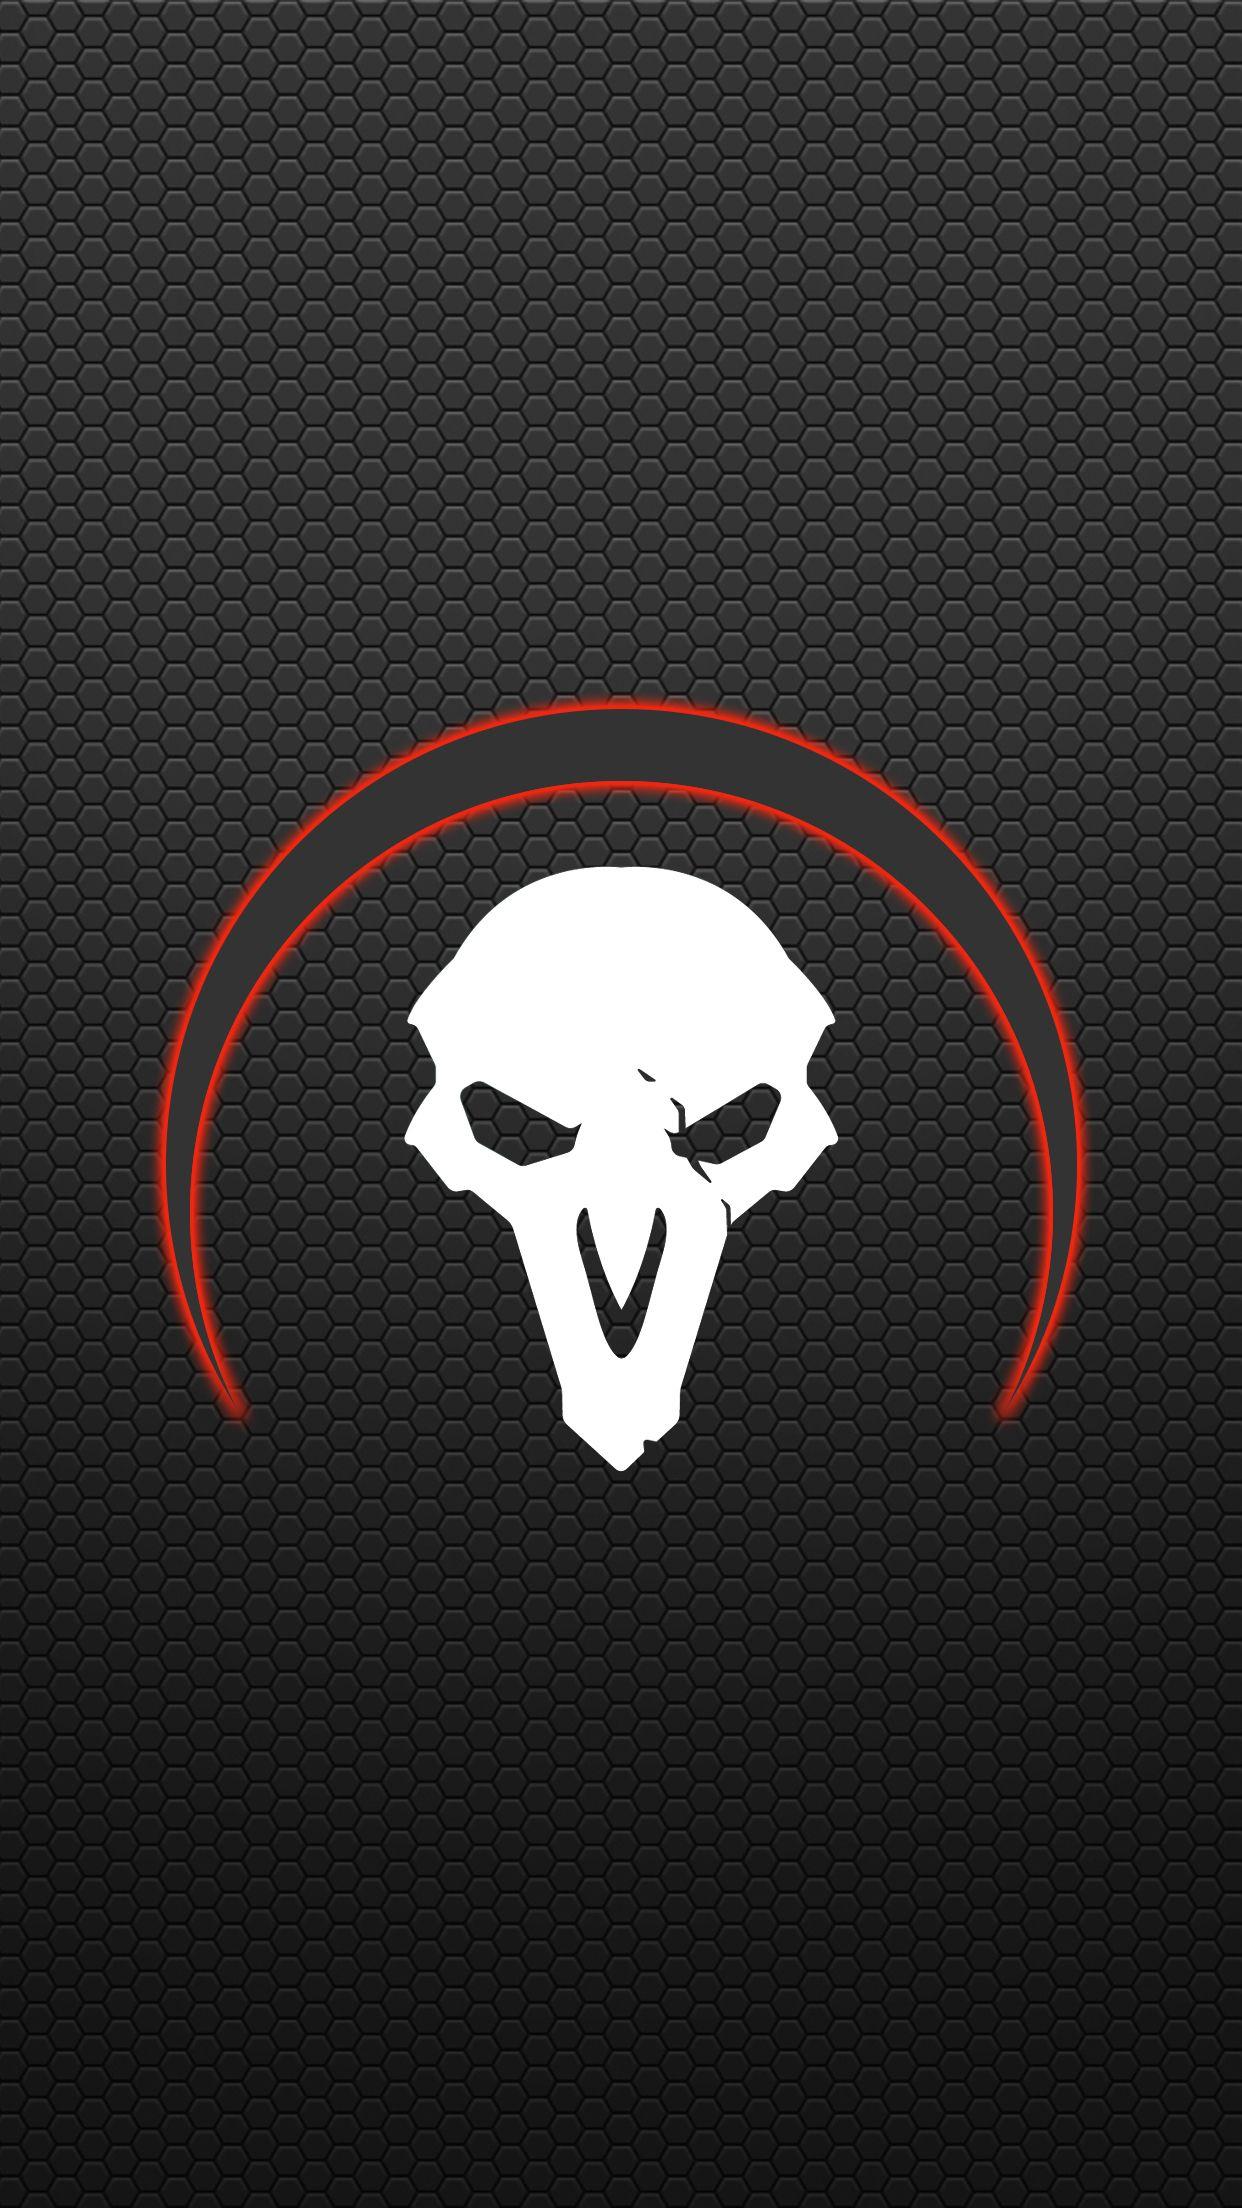 Overwatch Reaper Mobile Wallpaper Overwatch